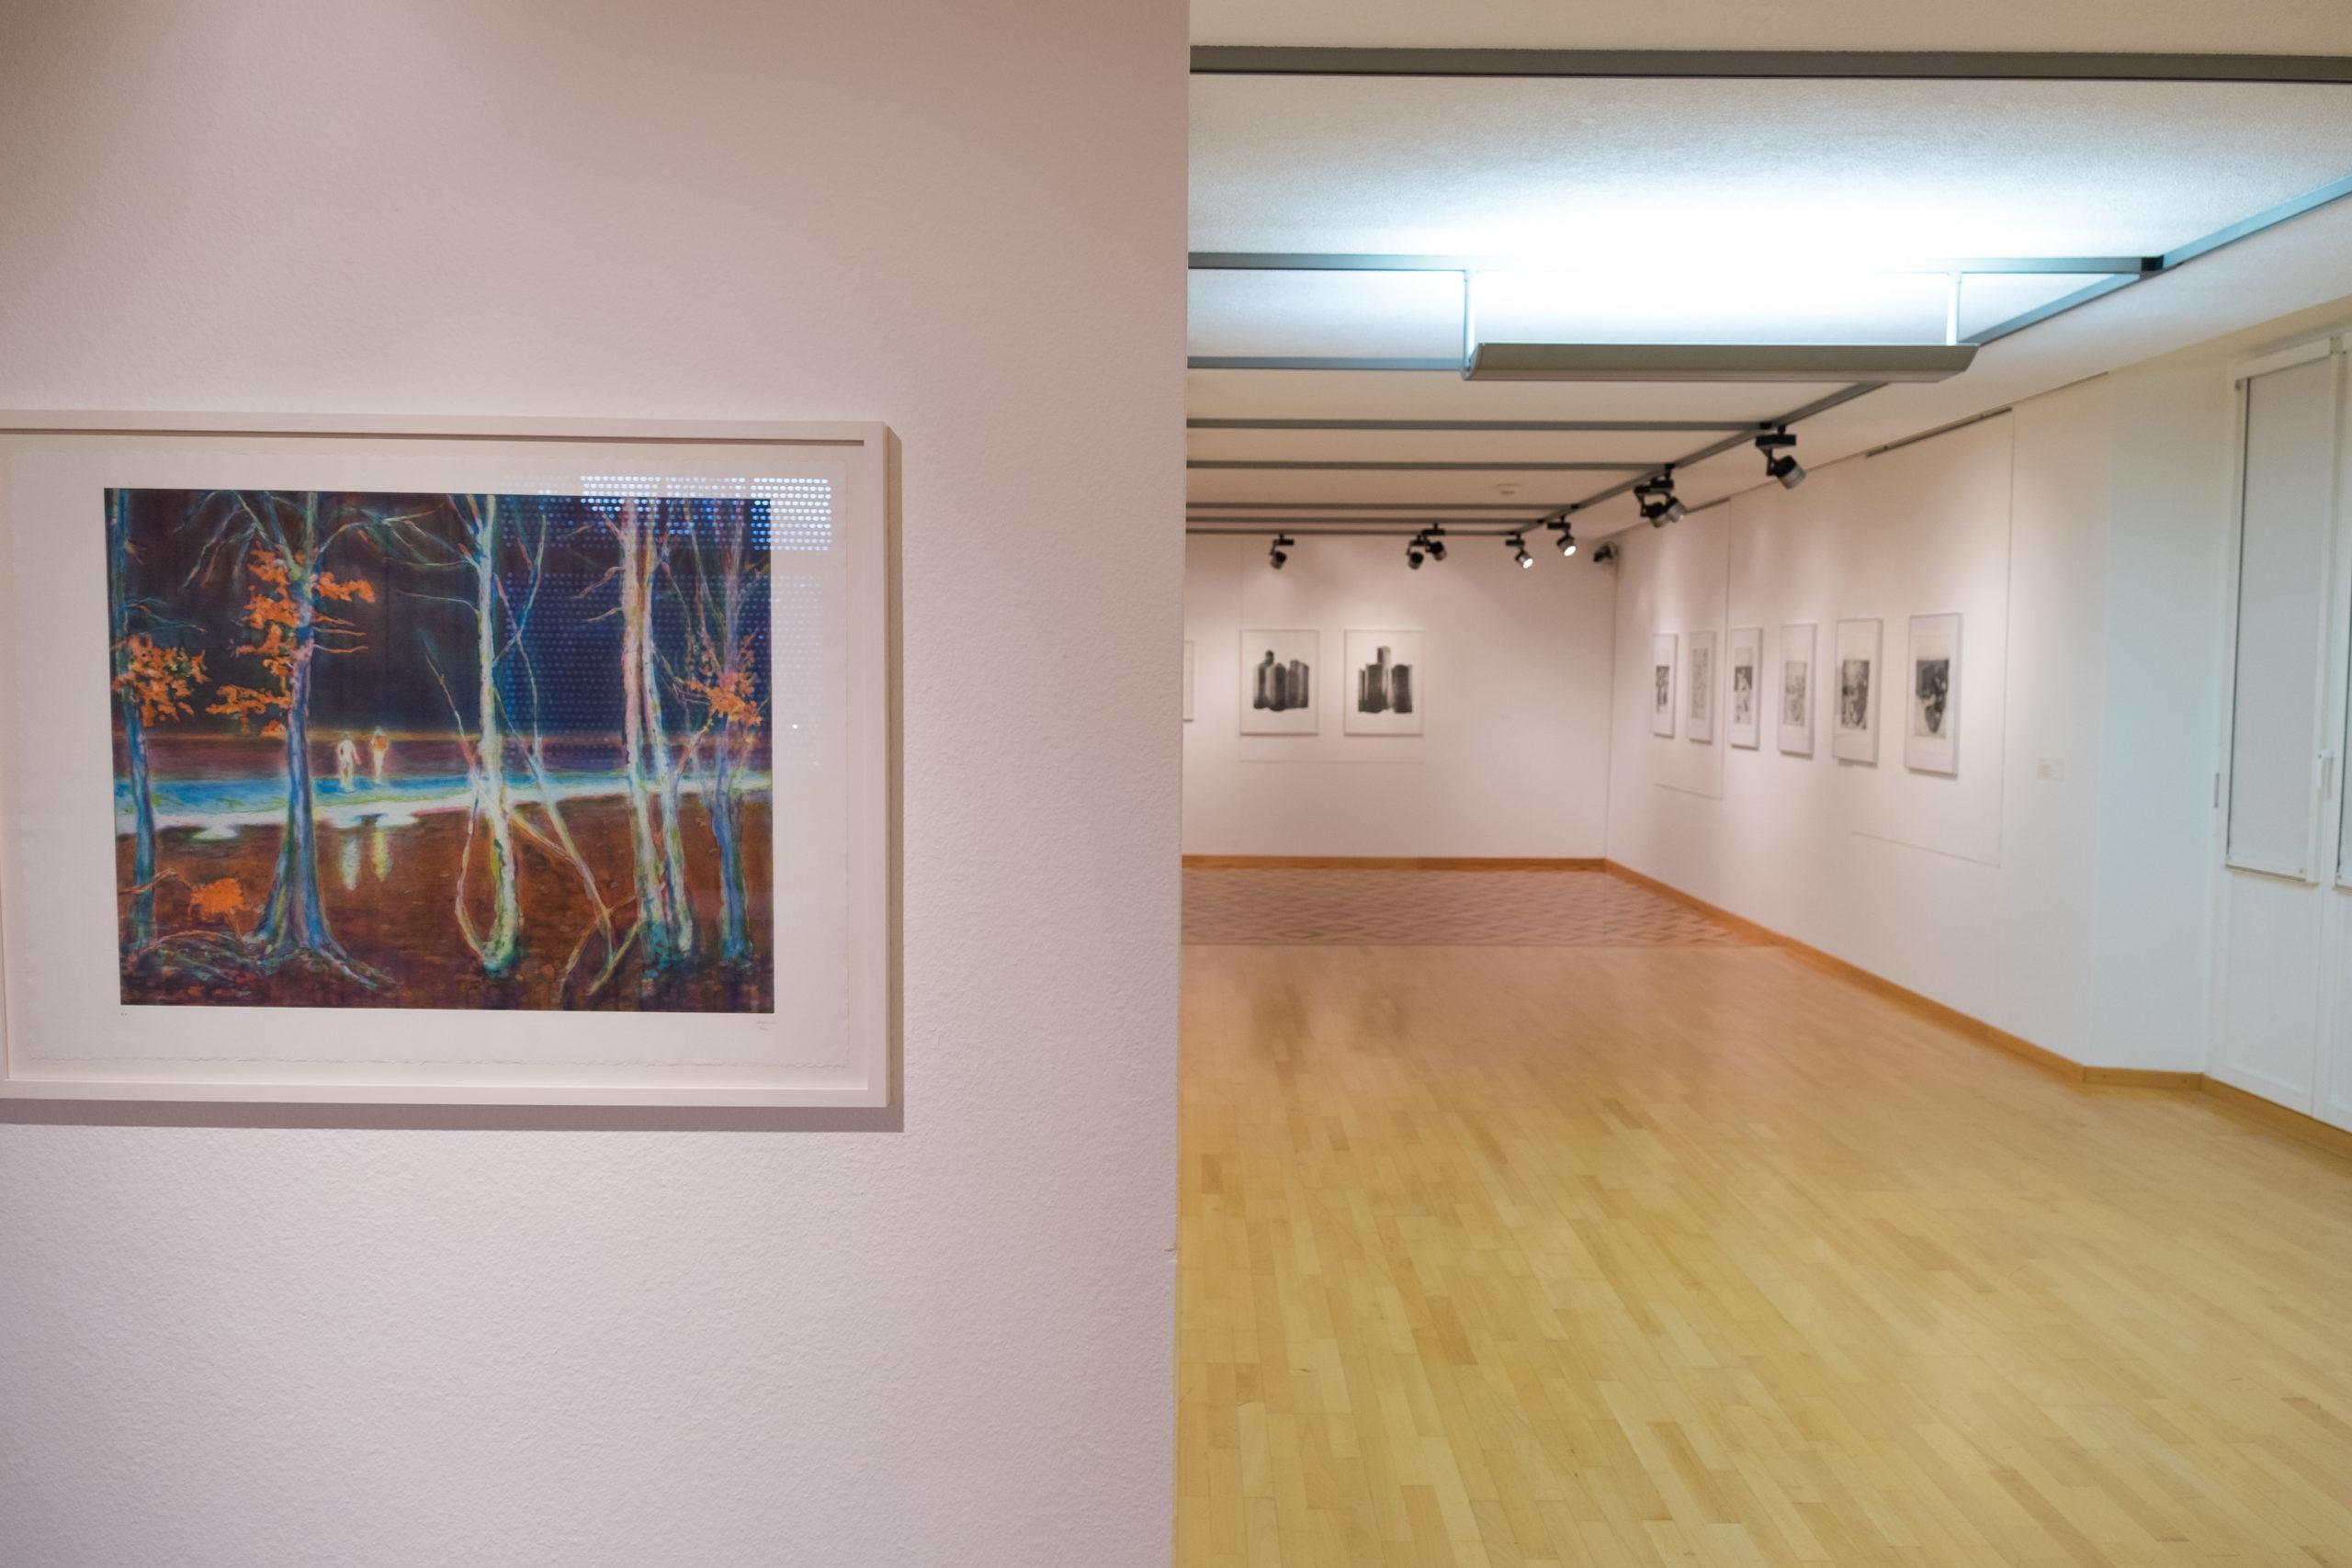 Ausstellungsansicht «20 Jahre Kupferdruckwerkstatt Gentinetta», 22. März - 24. Mai 2020, Kunsthaus Grenchen, Foto: Laura Hadorn © Kunsthaus Grenchen